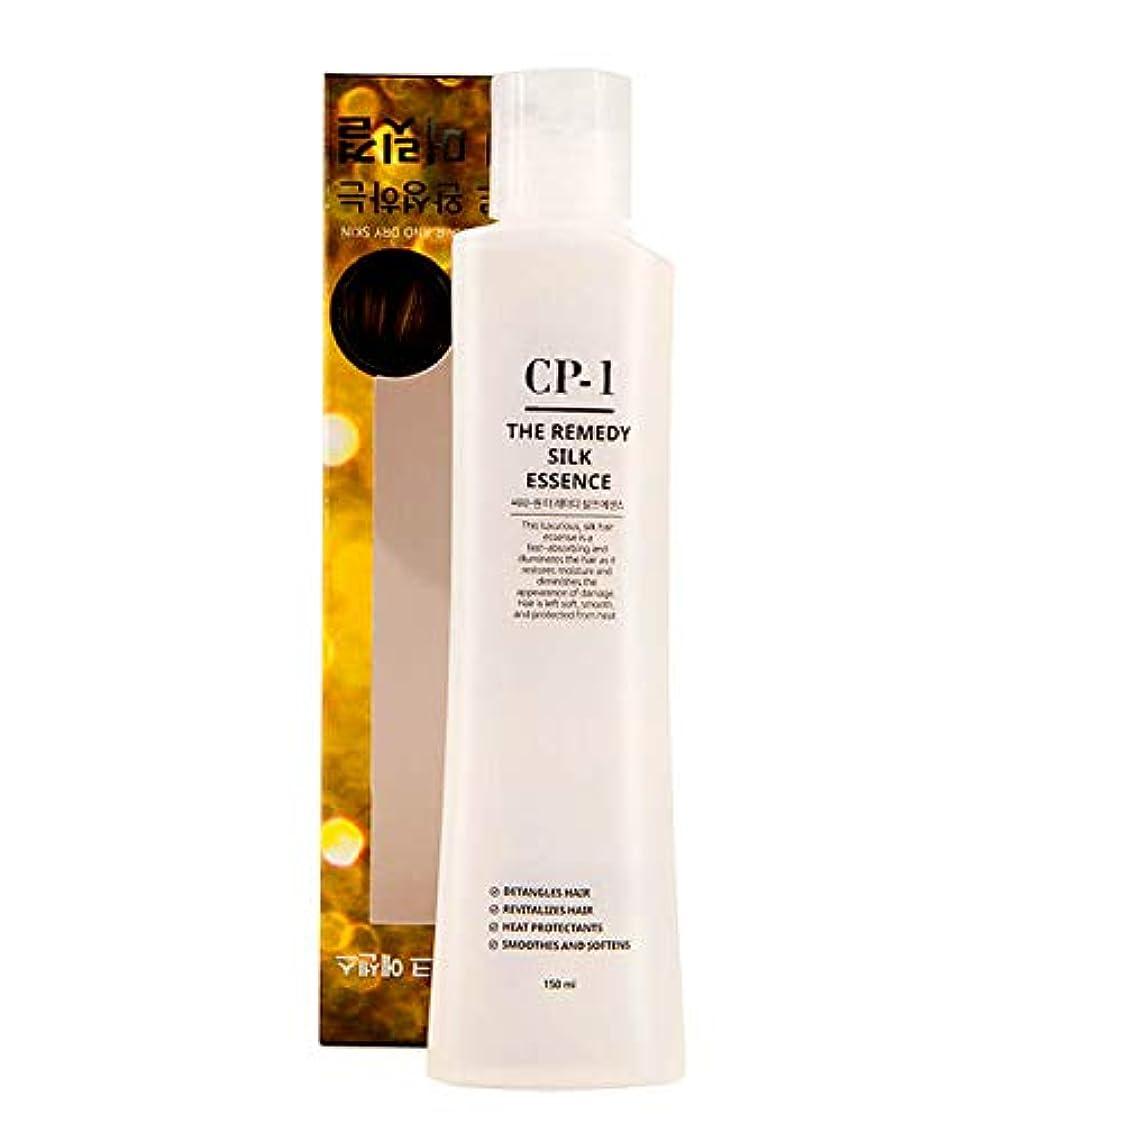 フレッシュトマトパネルEsthetic House[エステティックハウス] CP-1 治療シルクエッセンス 150ml (傷んだ髪や乾燥肌の韓国のヘアケアに) / The Remedy Silk Essence